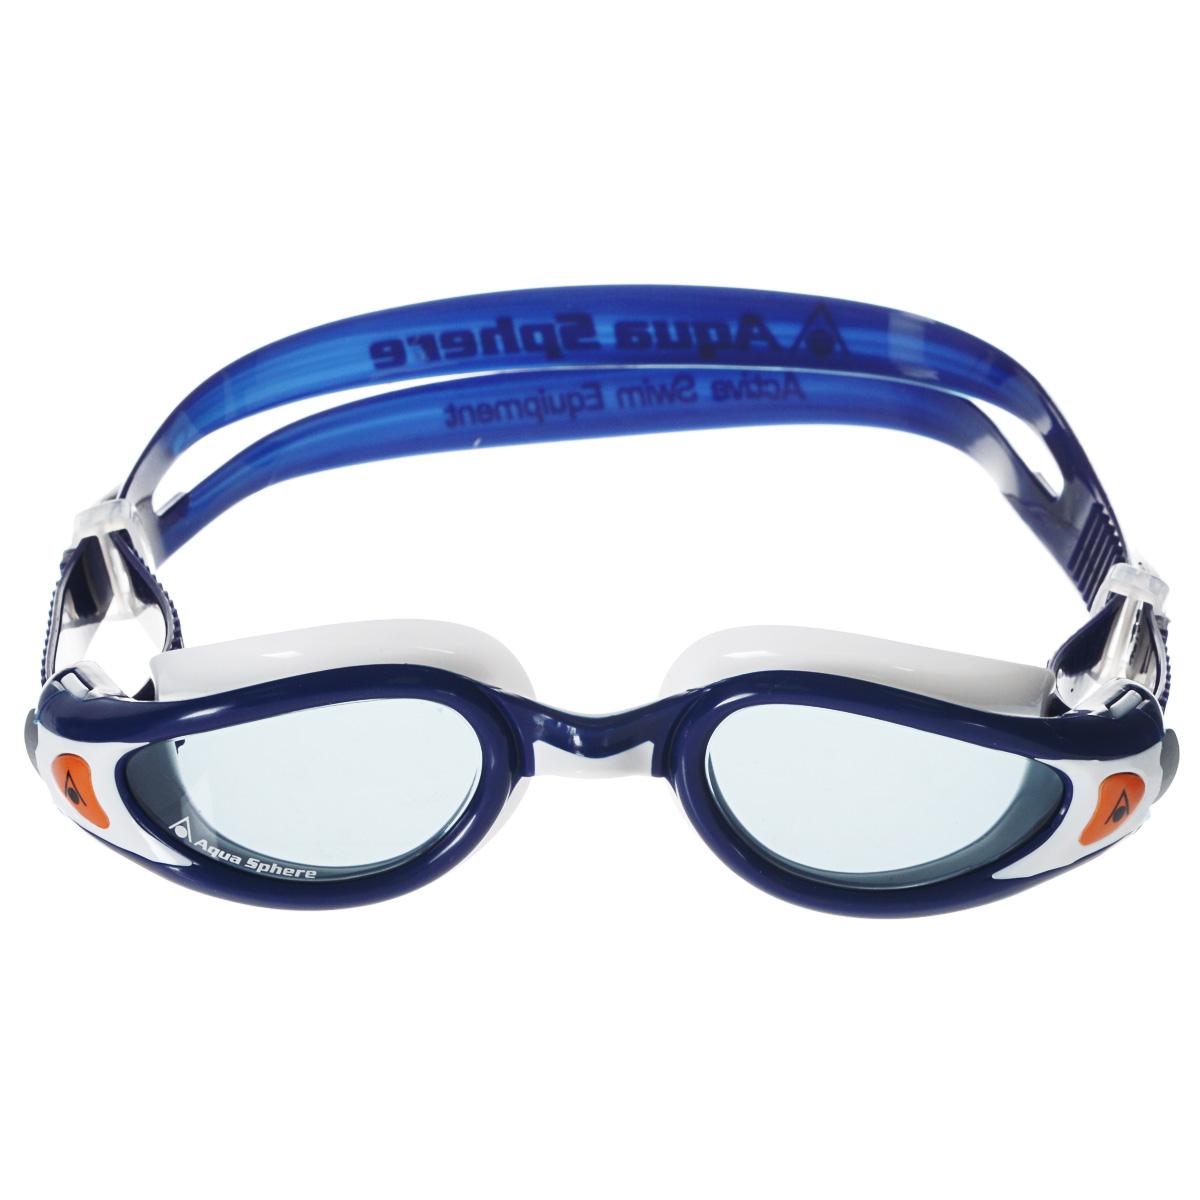 Очки для плавания Aqua Sphere Kaiman Exo Junior, цвет: синий, белый527Легкие детские очки Aqua Sphere Kaiman Exo (вес всего 34 грамма) идеально подходят для плавания в бассейне или открытой воде. Особая технология изогнутых линз позволяет обеспечить превосходный обзор в 180°, не искажая при этом изображение. Очки дают 100% защиту от ультрафиолетового излучения. Специальное покрытие препятствует запотеванию стекол. Новая технология каркаса EXO-core bi-material обеспечивает максимальную стабильность и комфорт.Подростковая обновленная версия популярных очков Aqua Sphere Kaiman сохраняет все лучшее от взрослой модели.Эластичная саморегулирующаяся переносица.Комфорт и долговечность.Низкопрофильный дизайн.Материал: софтерил, plexisol.